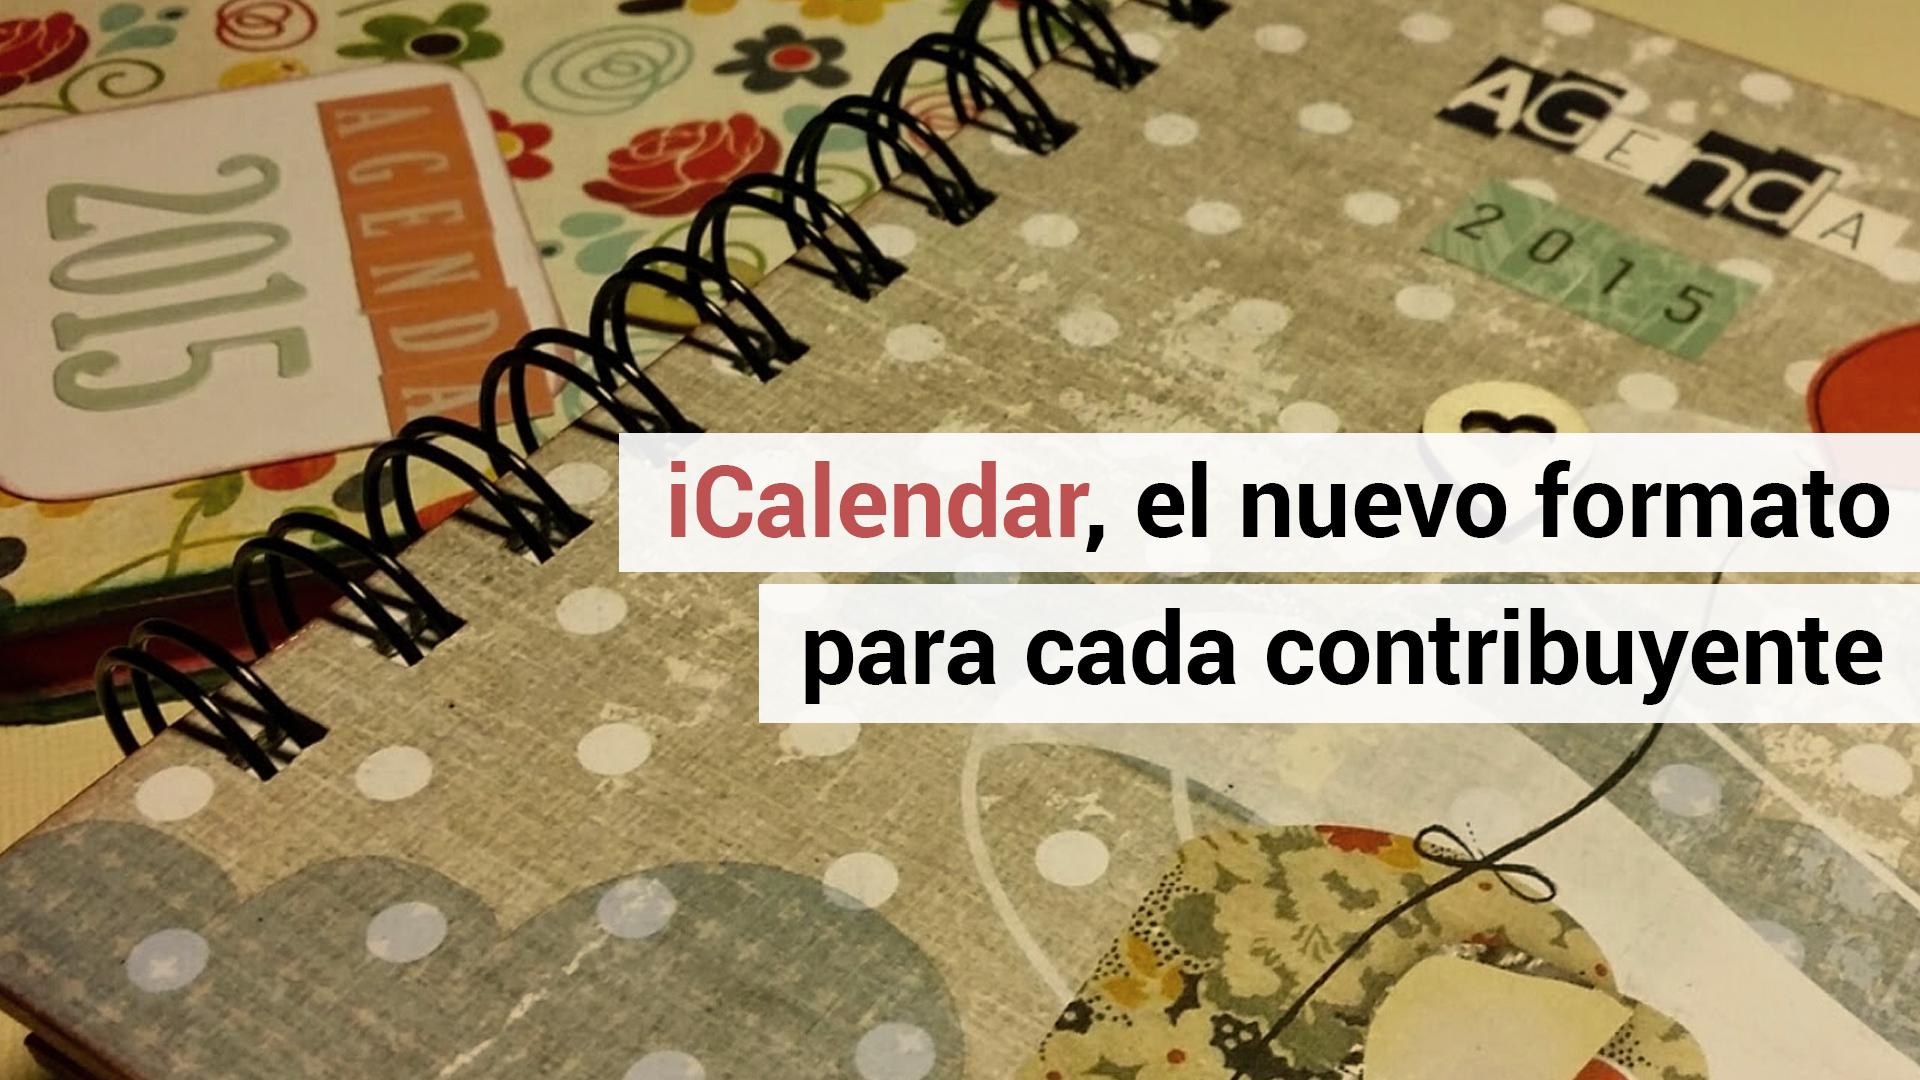 La Agencia Tributaria publica el calendario fiscal 2015 en formato iCalendar